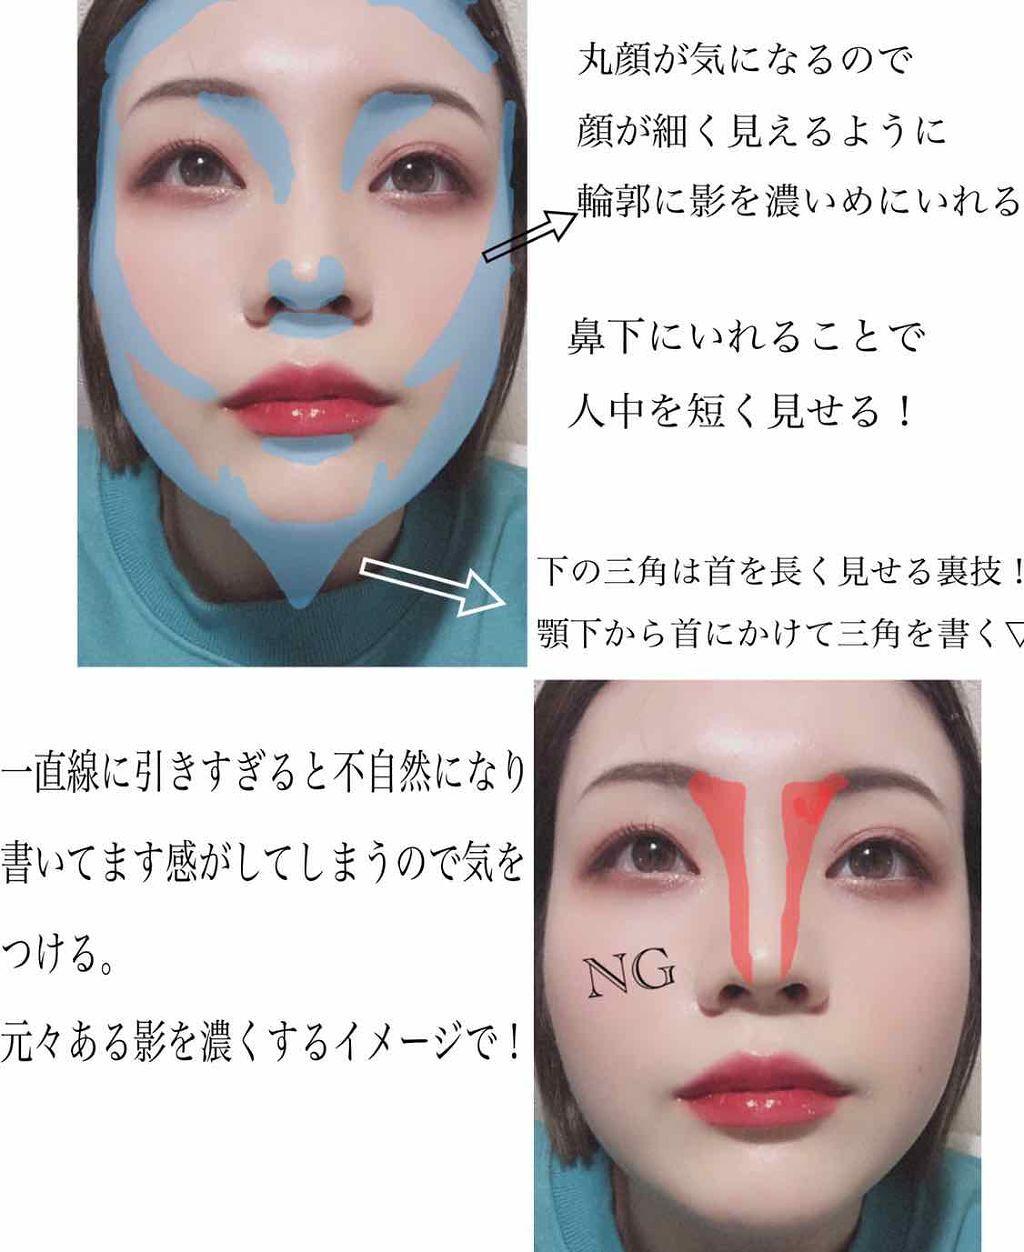 「《詐欺メイク》のやり方をご紹介|整形しないで好きな顔になりたい!」の画像(#108104)